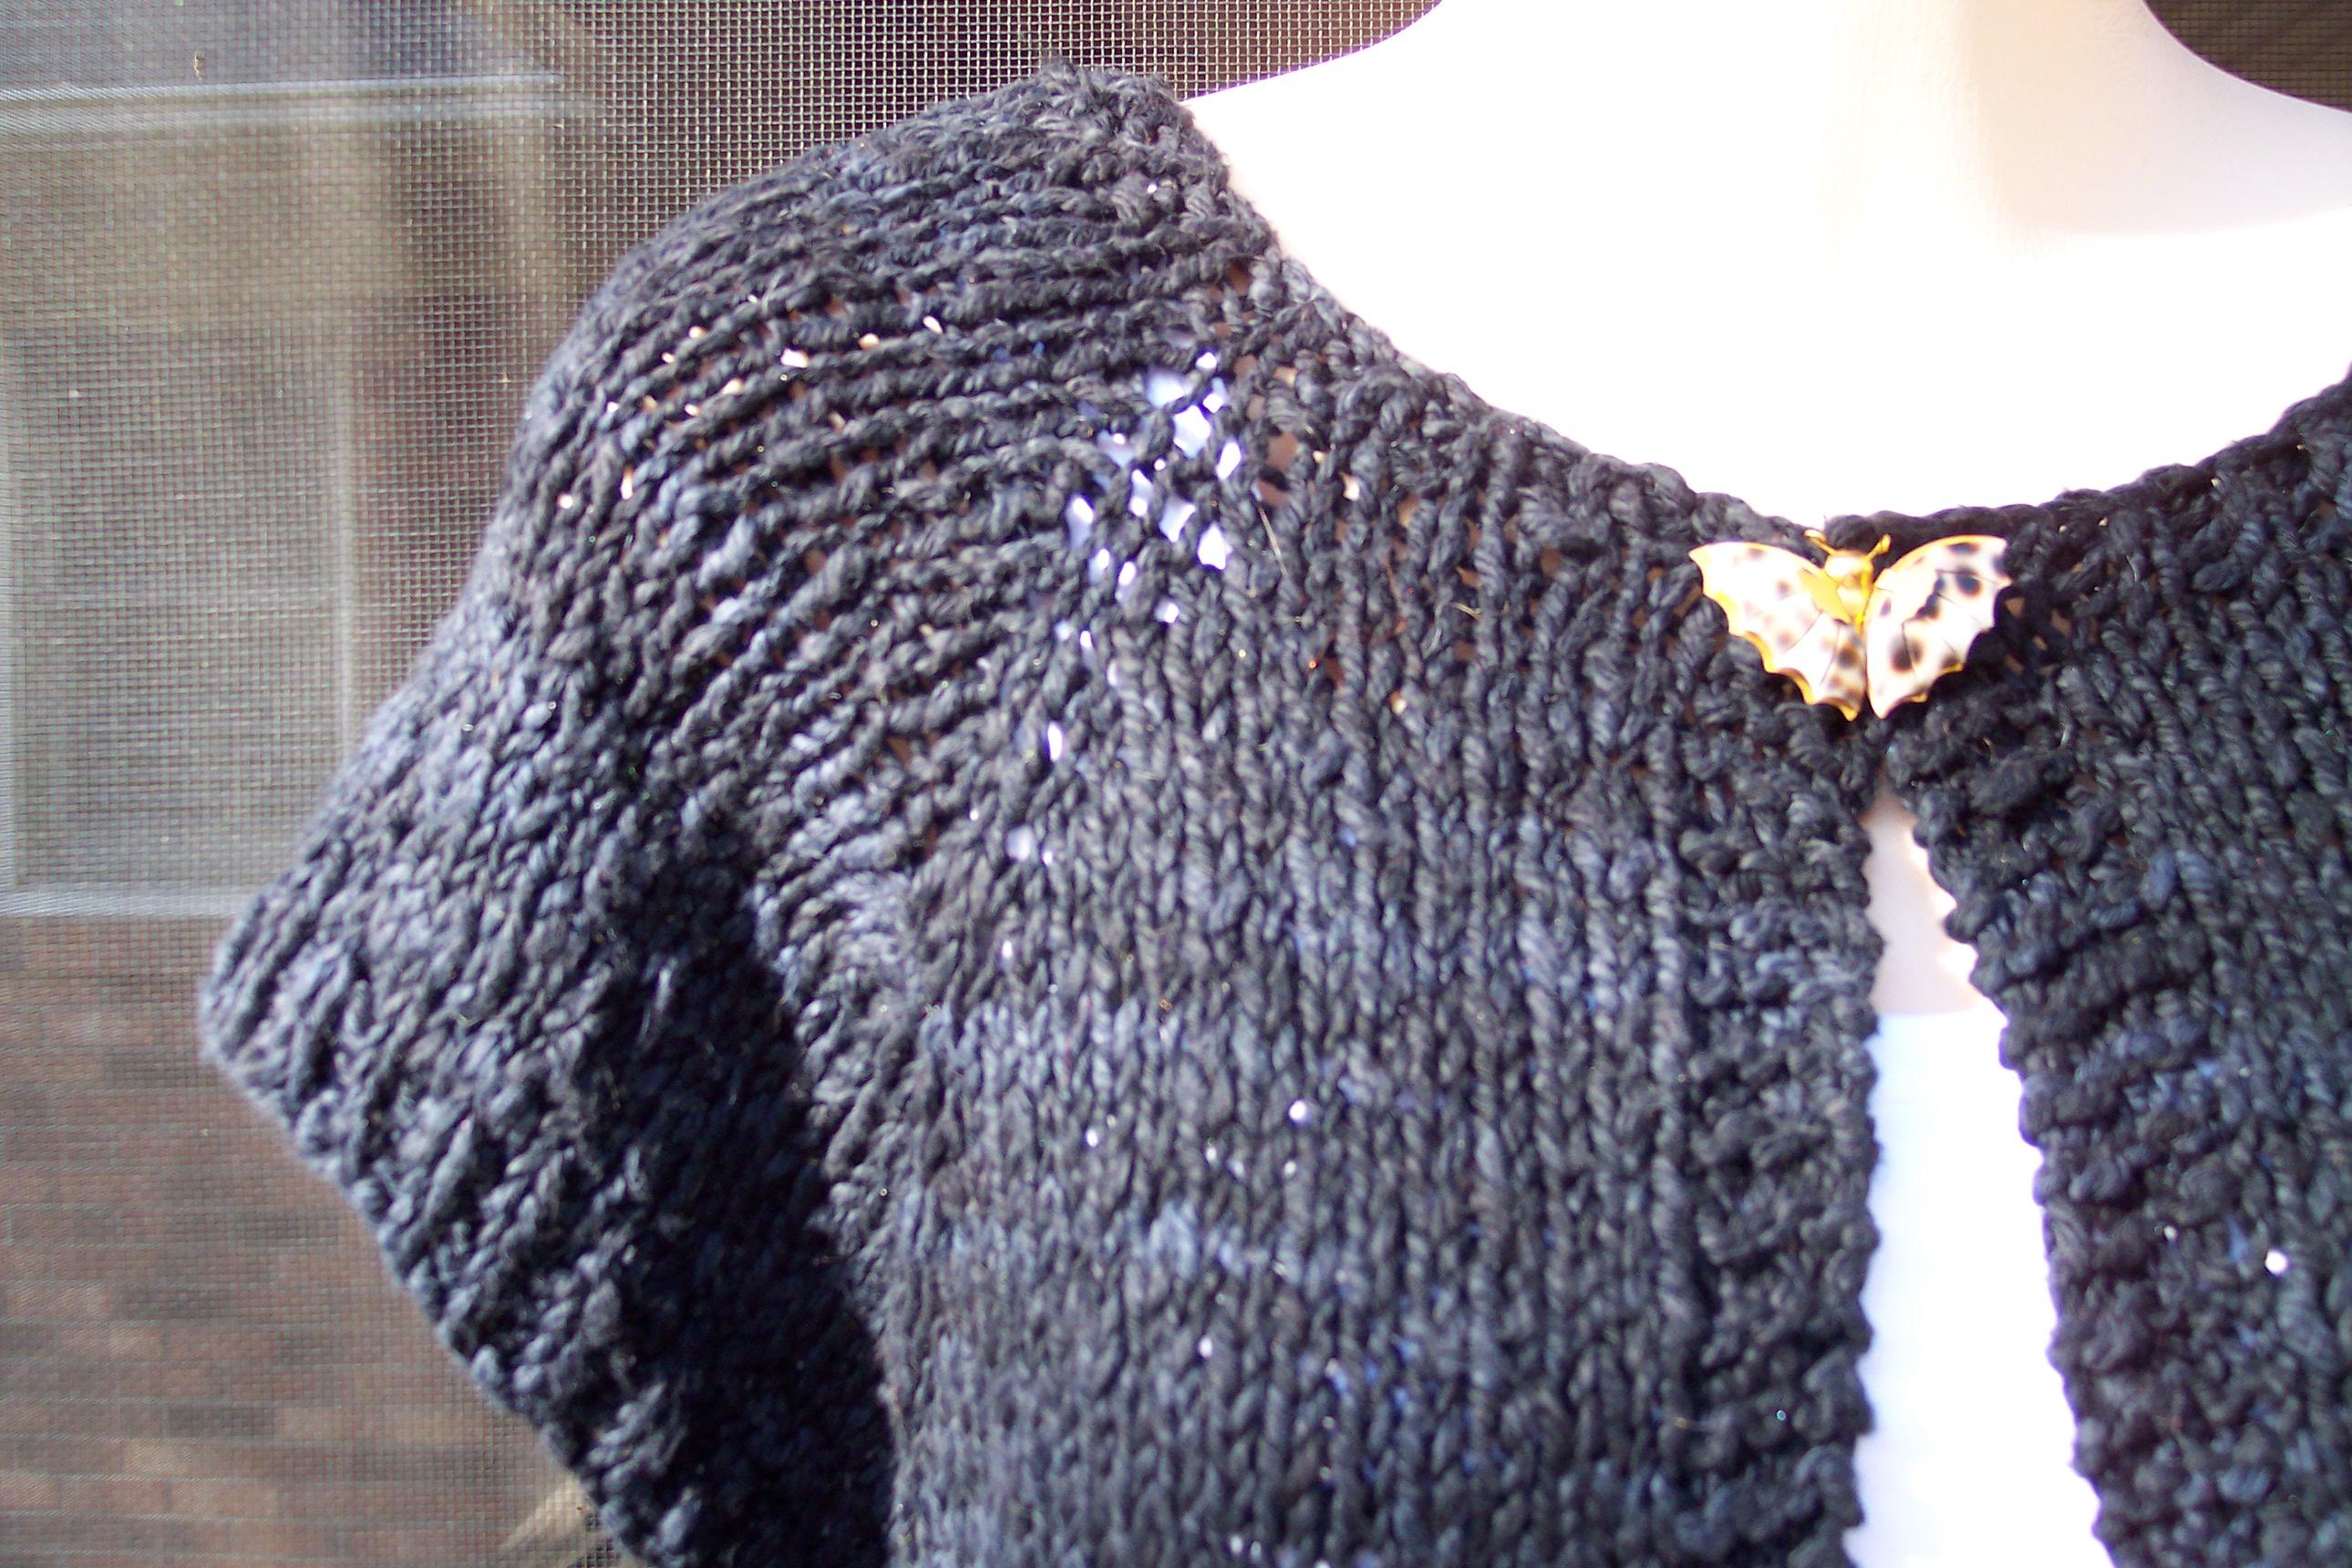 Knitting Patterns Shrugs : Knitting patterns for shrugs for toddlers :: [crochet shrug pattern]